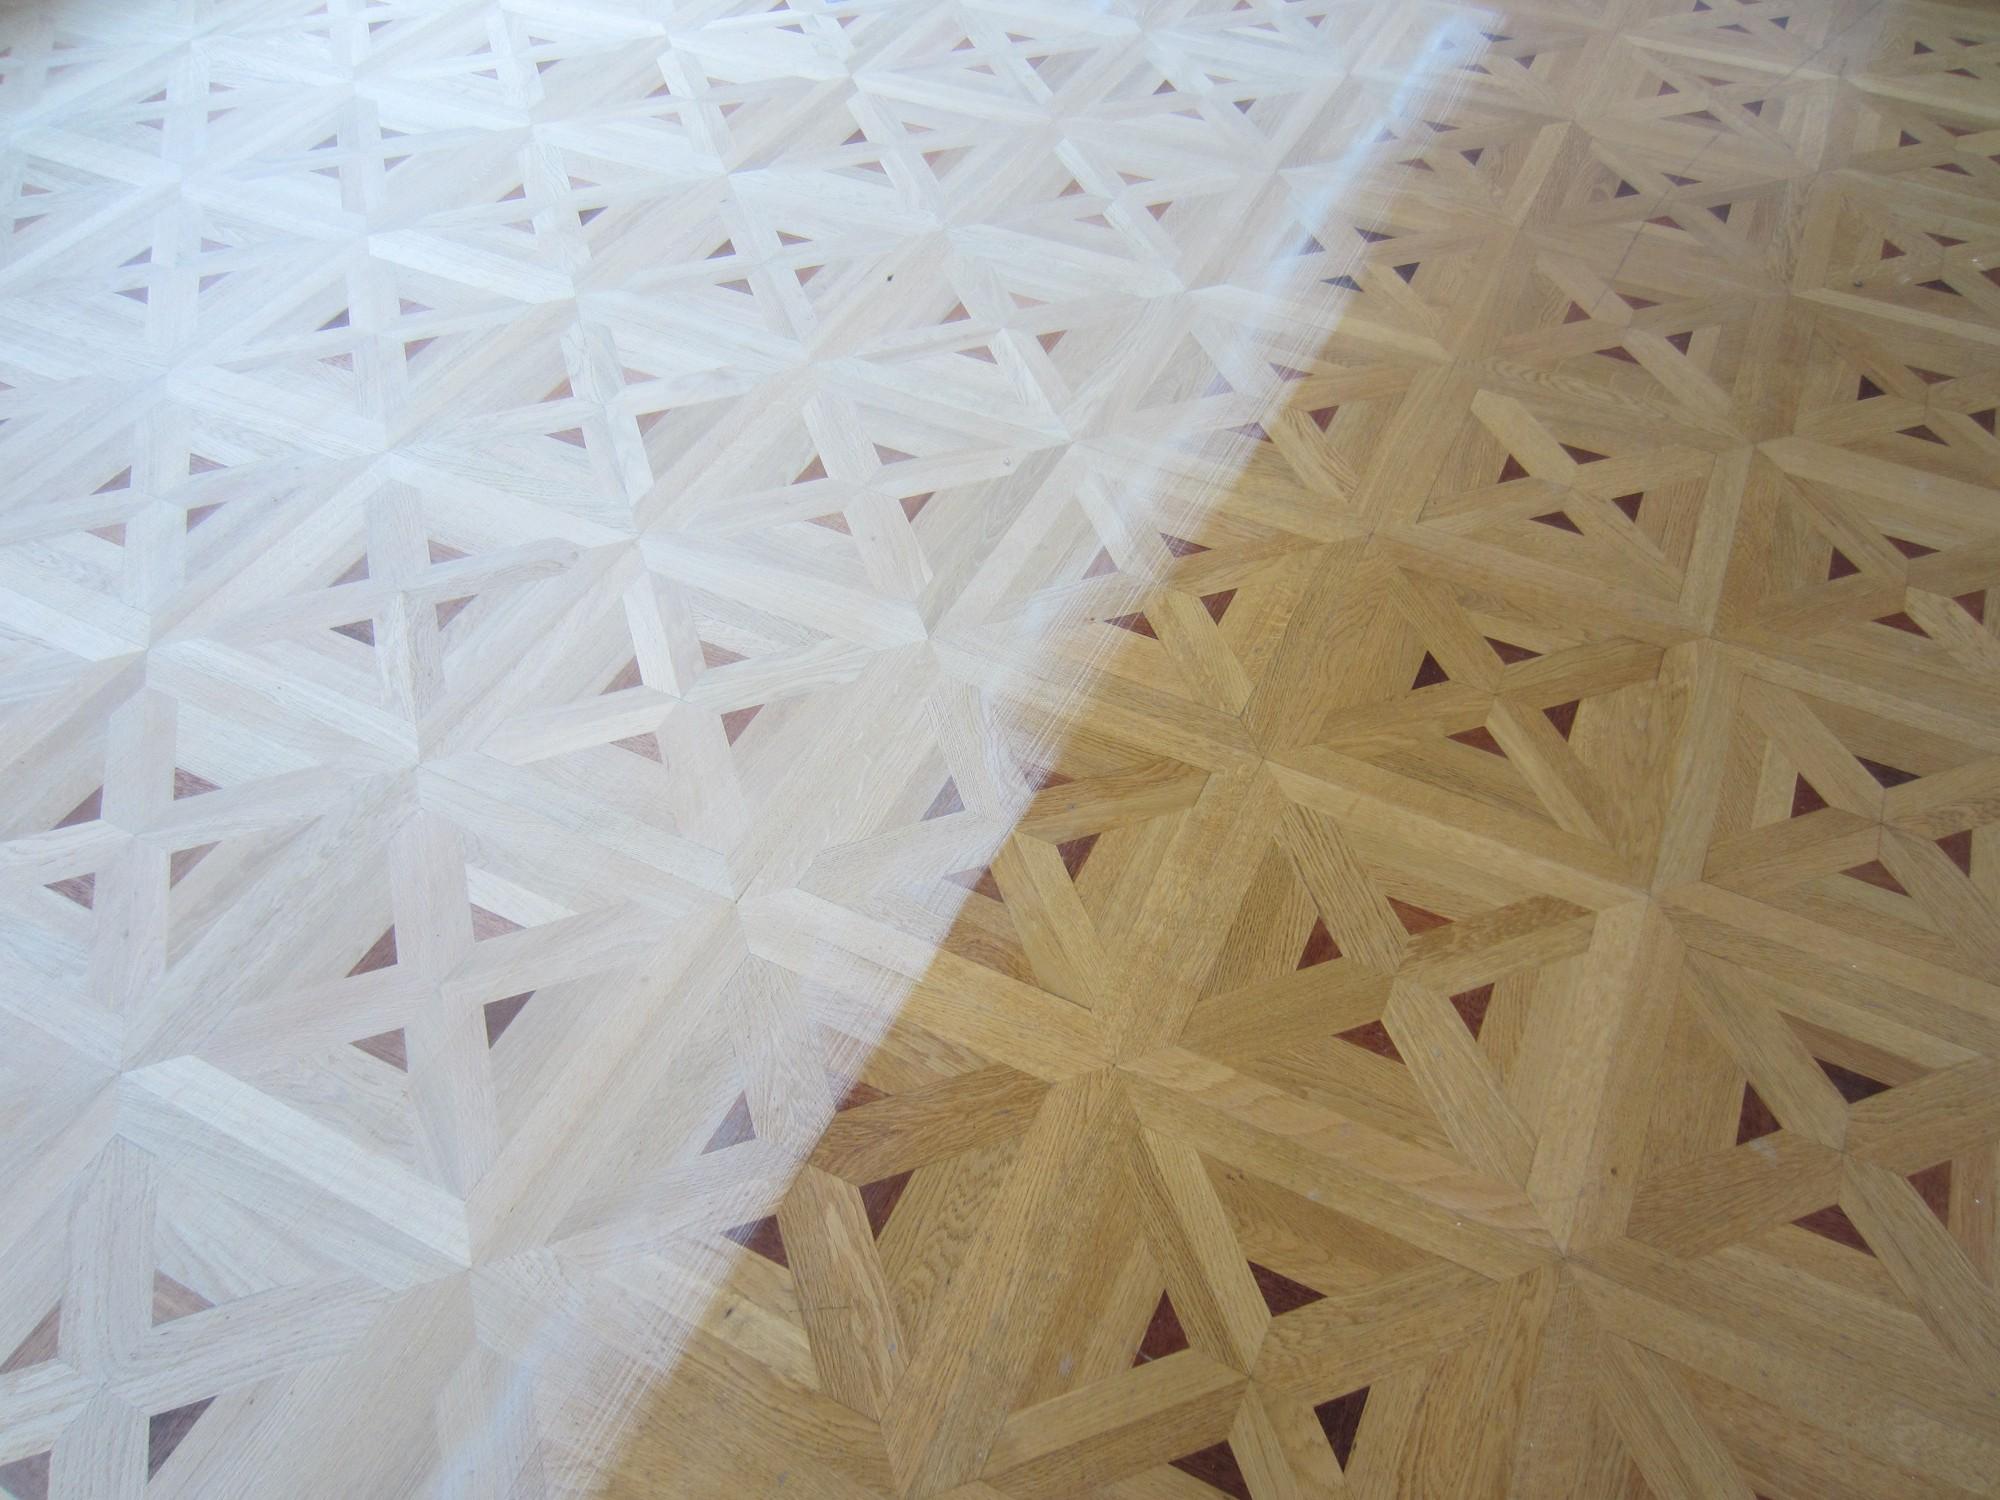 pon age et vitrification d 39 un parquet type versailles marseille r novation de sols en marbre. Black Bedroom Furniture Sets. Home Design Ideas